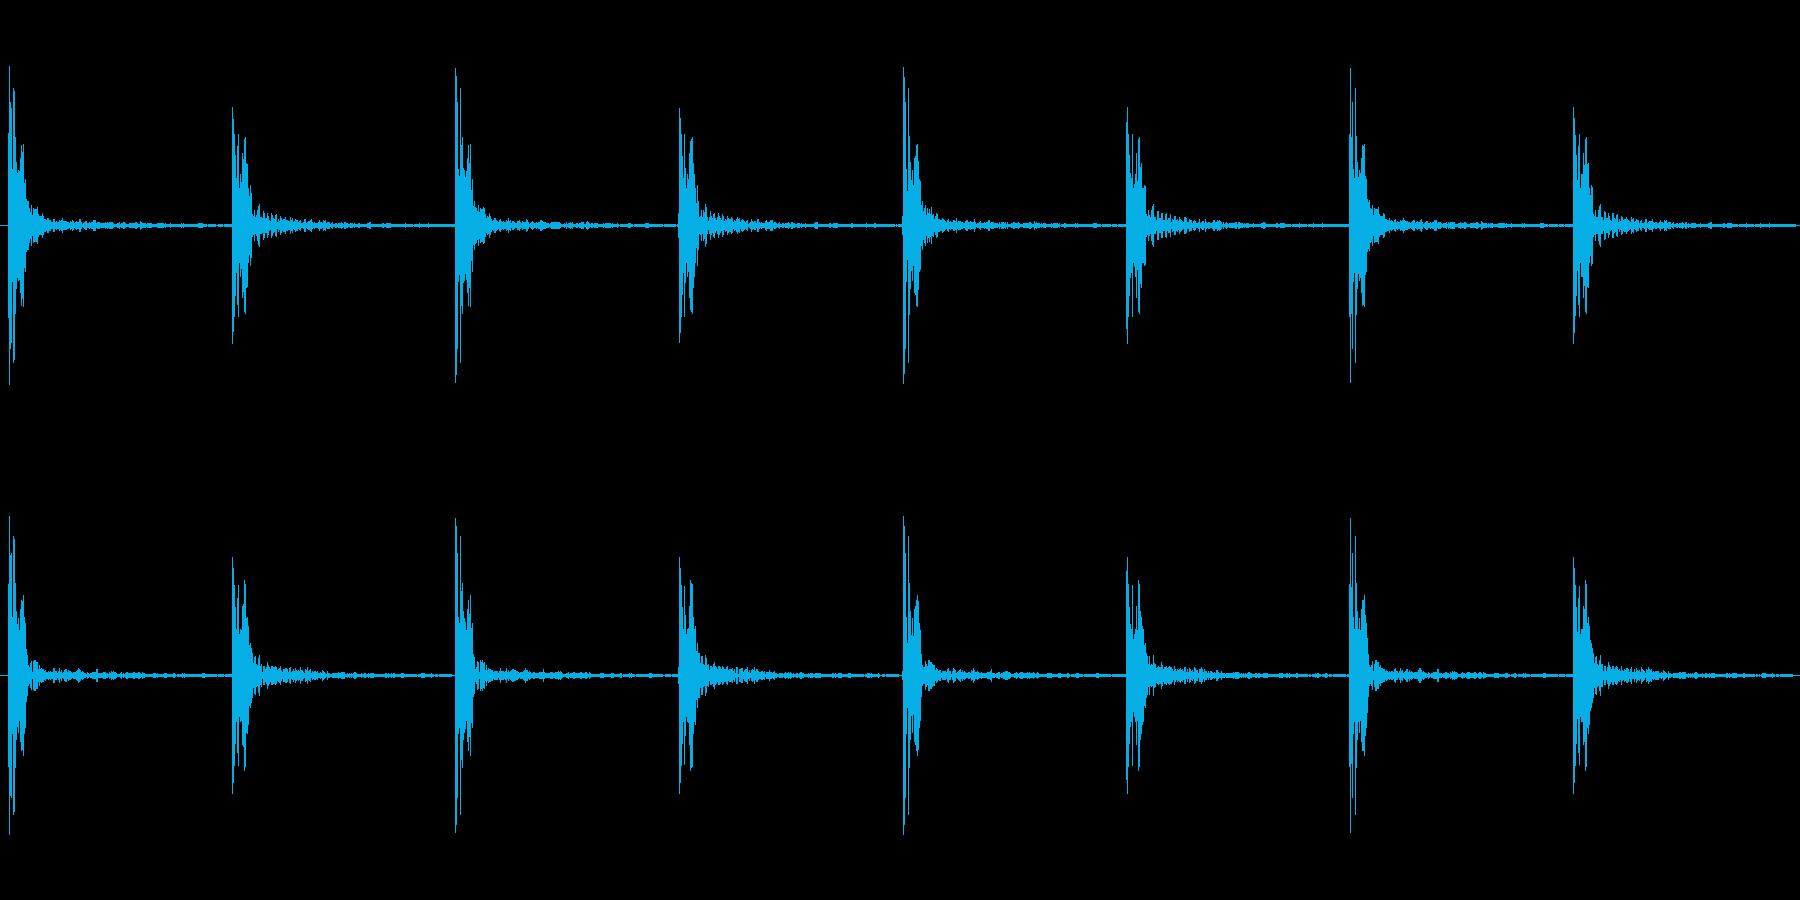 足音 パターンBロング版 重量感ある足音の再生済みの波形